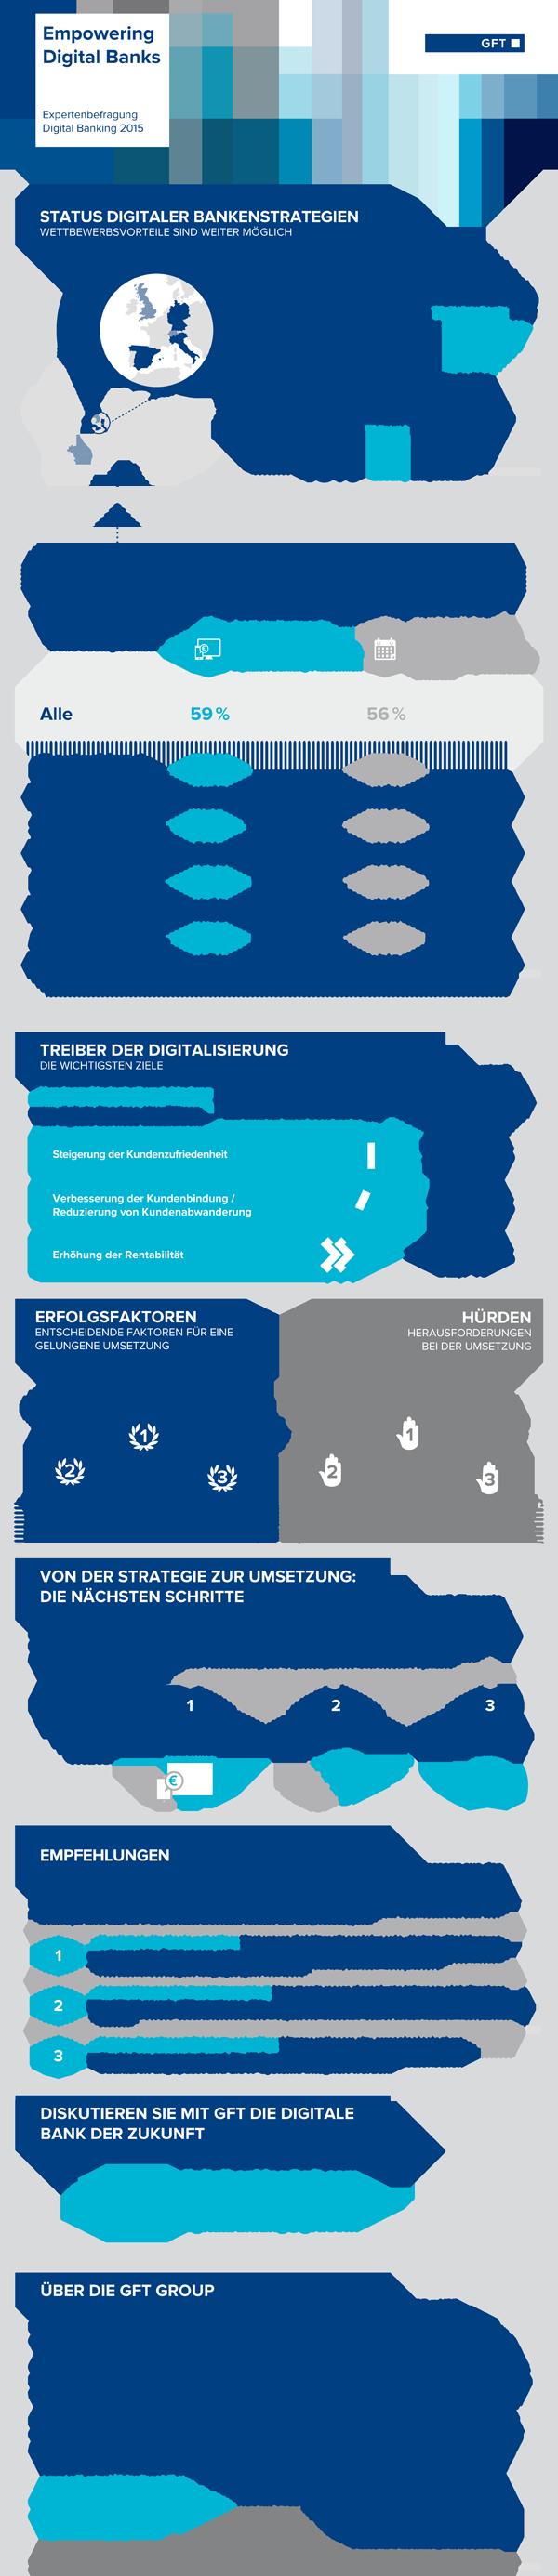 Infografik Expertenbefragung zu Digital Banking